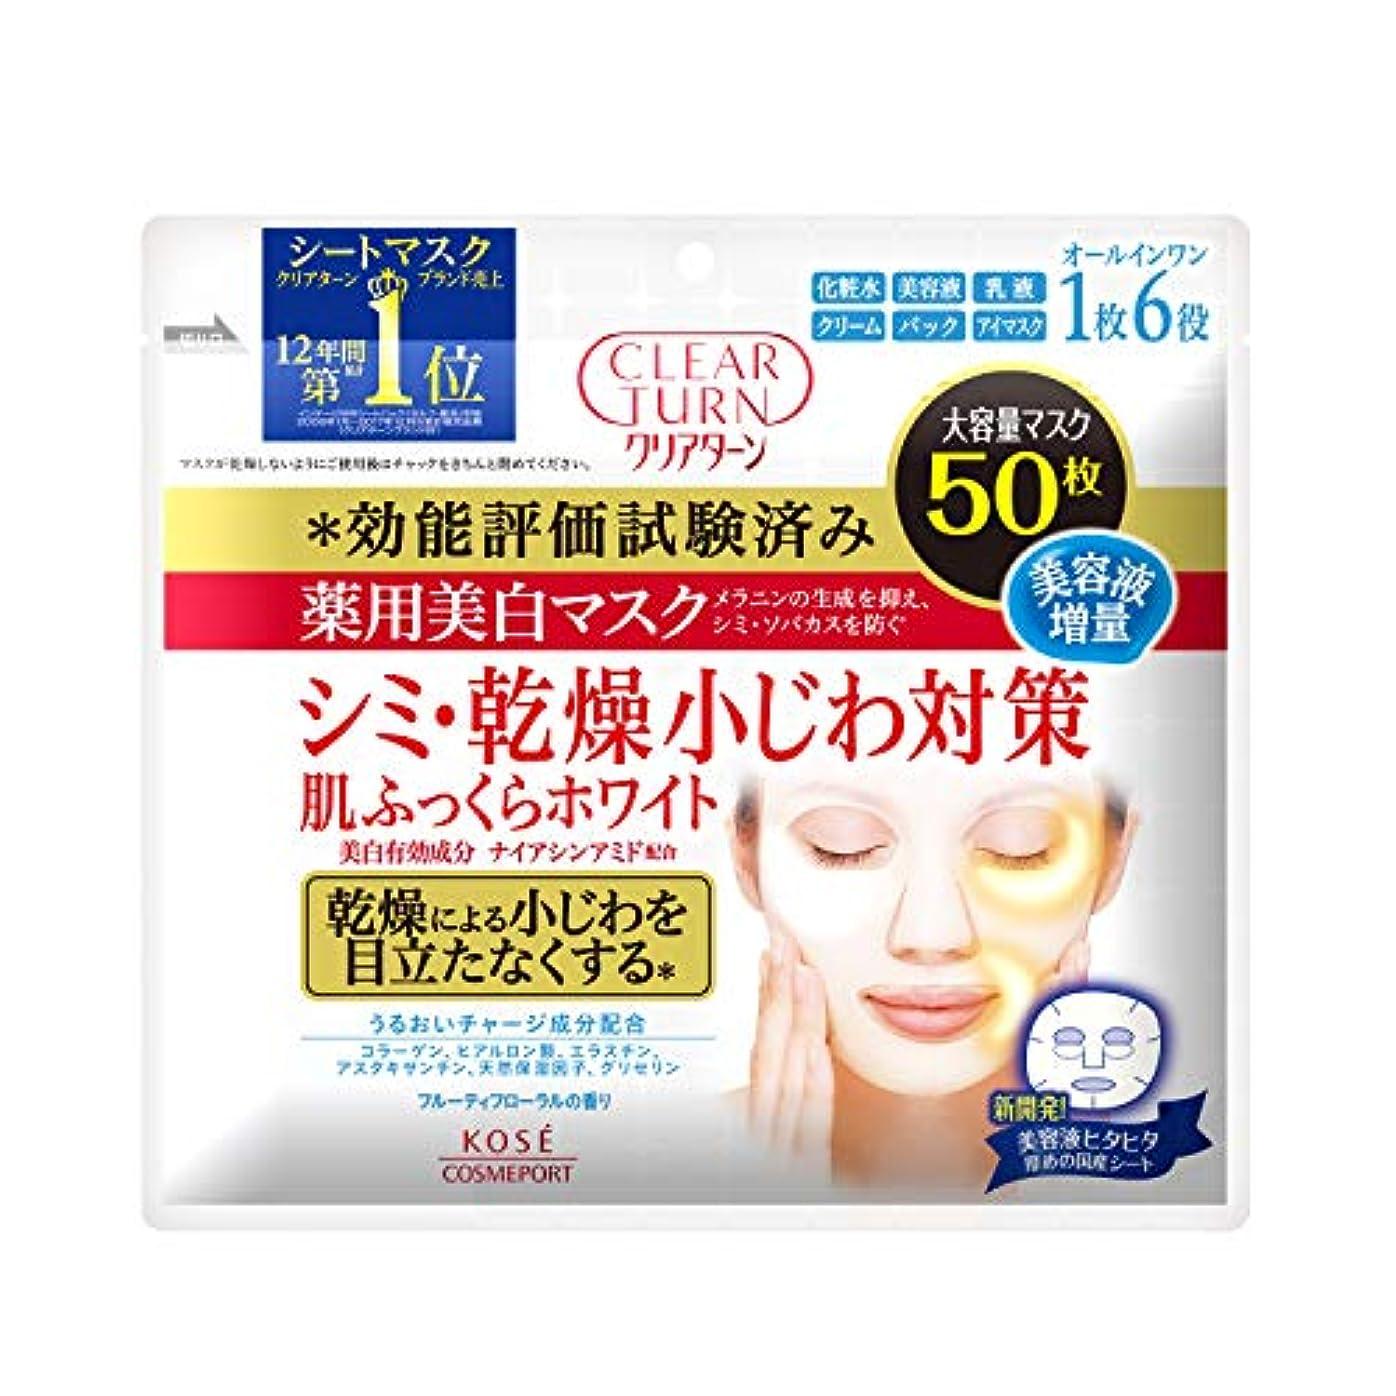 浜辺罪悪感血まみれKOSE コーセー クリアターン 薬用美白 肌ホワイト マスク 50枚 フェイスマスク (医薬部外品)